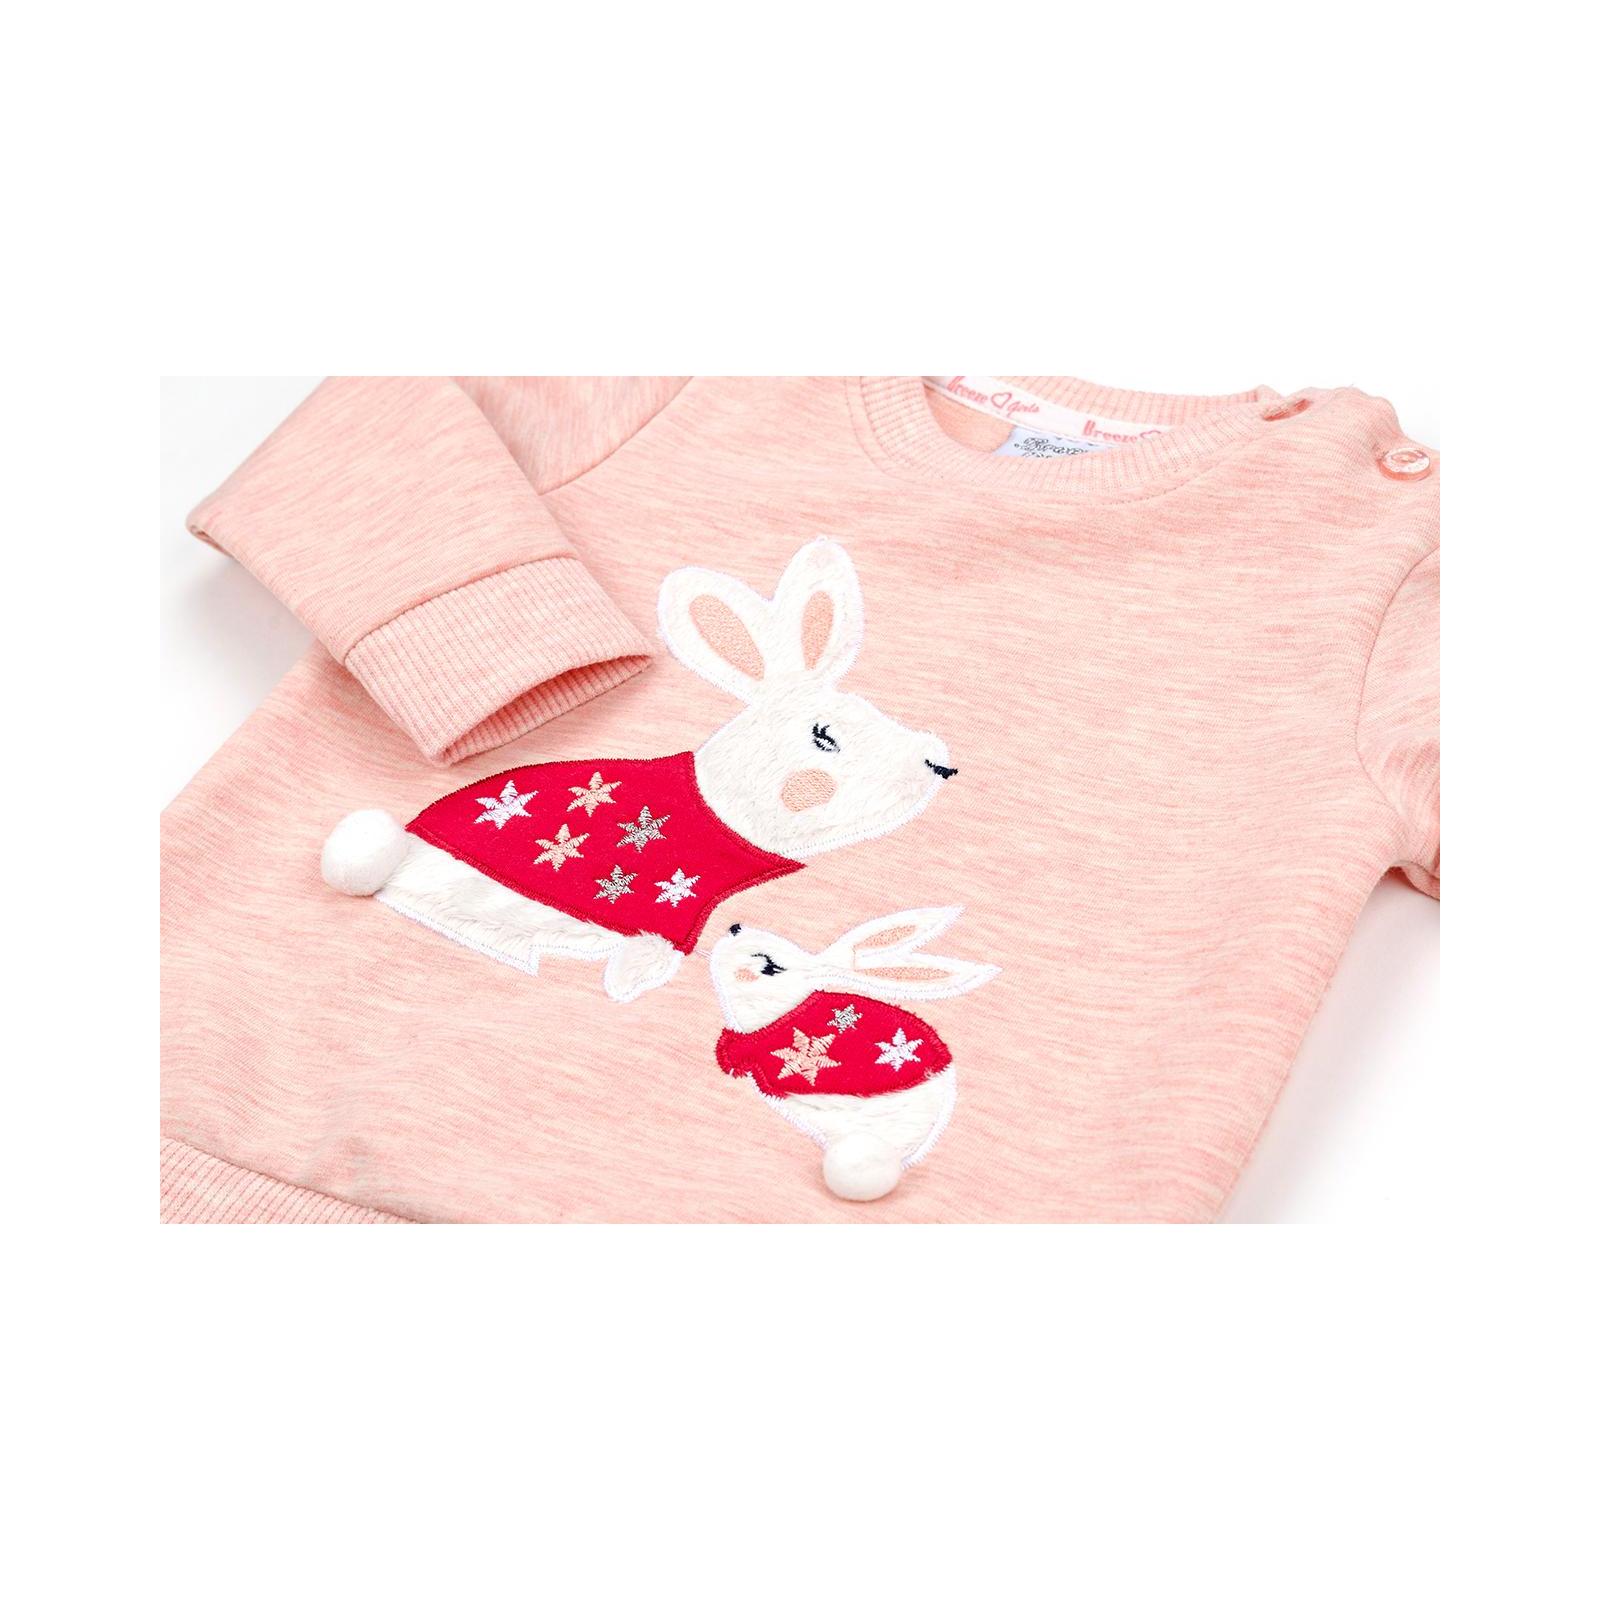 Набор детской одежды Breeze с зайчиками (10214-92G-peach) изображение 9